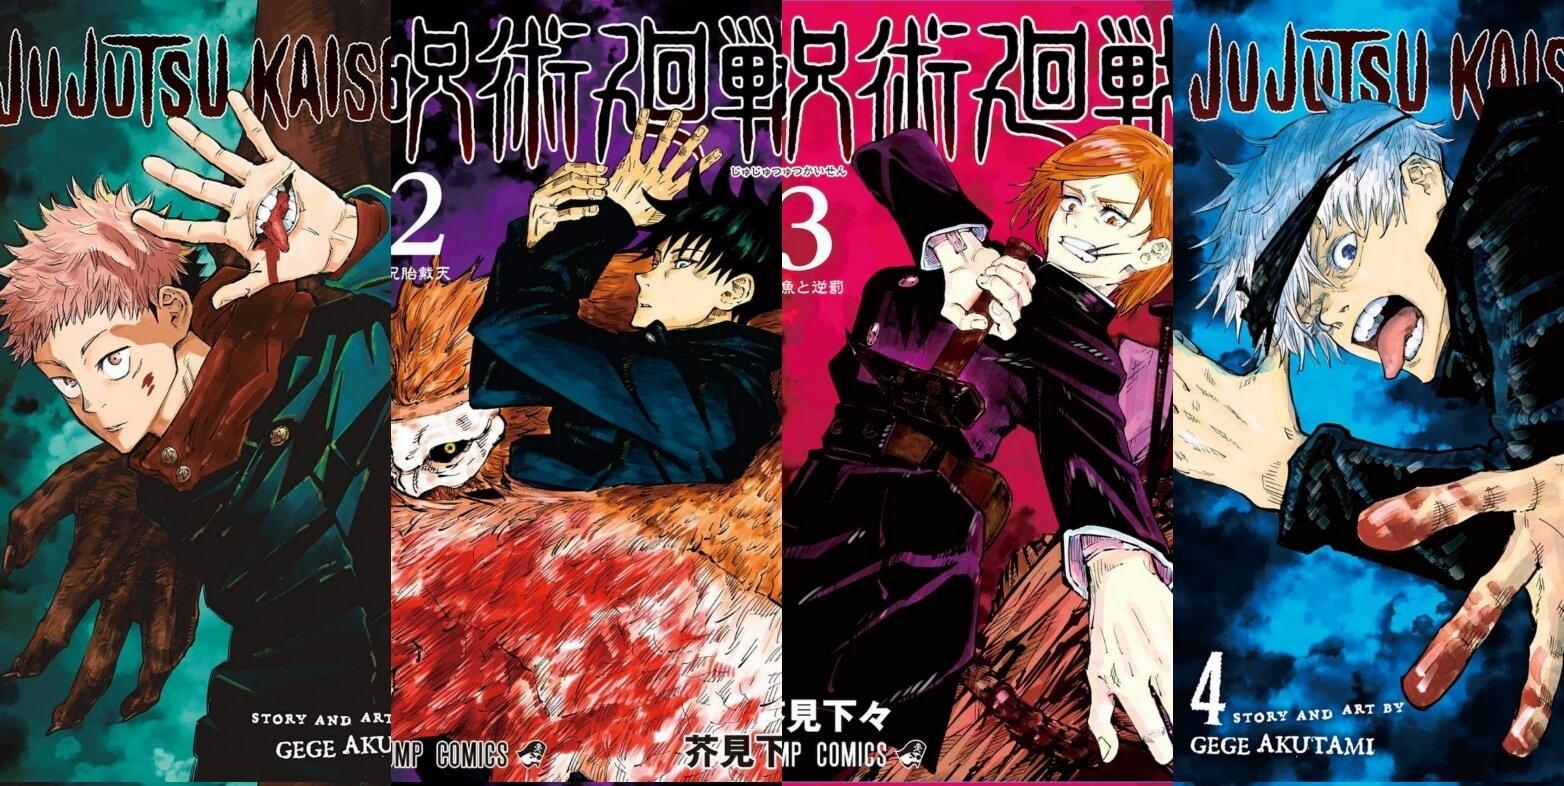 Jujutsu Kaisen Animeden Sonra Manga Başlangıcı